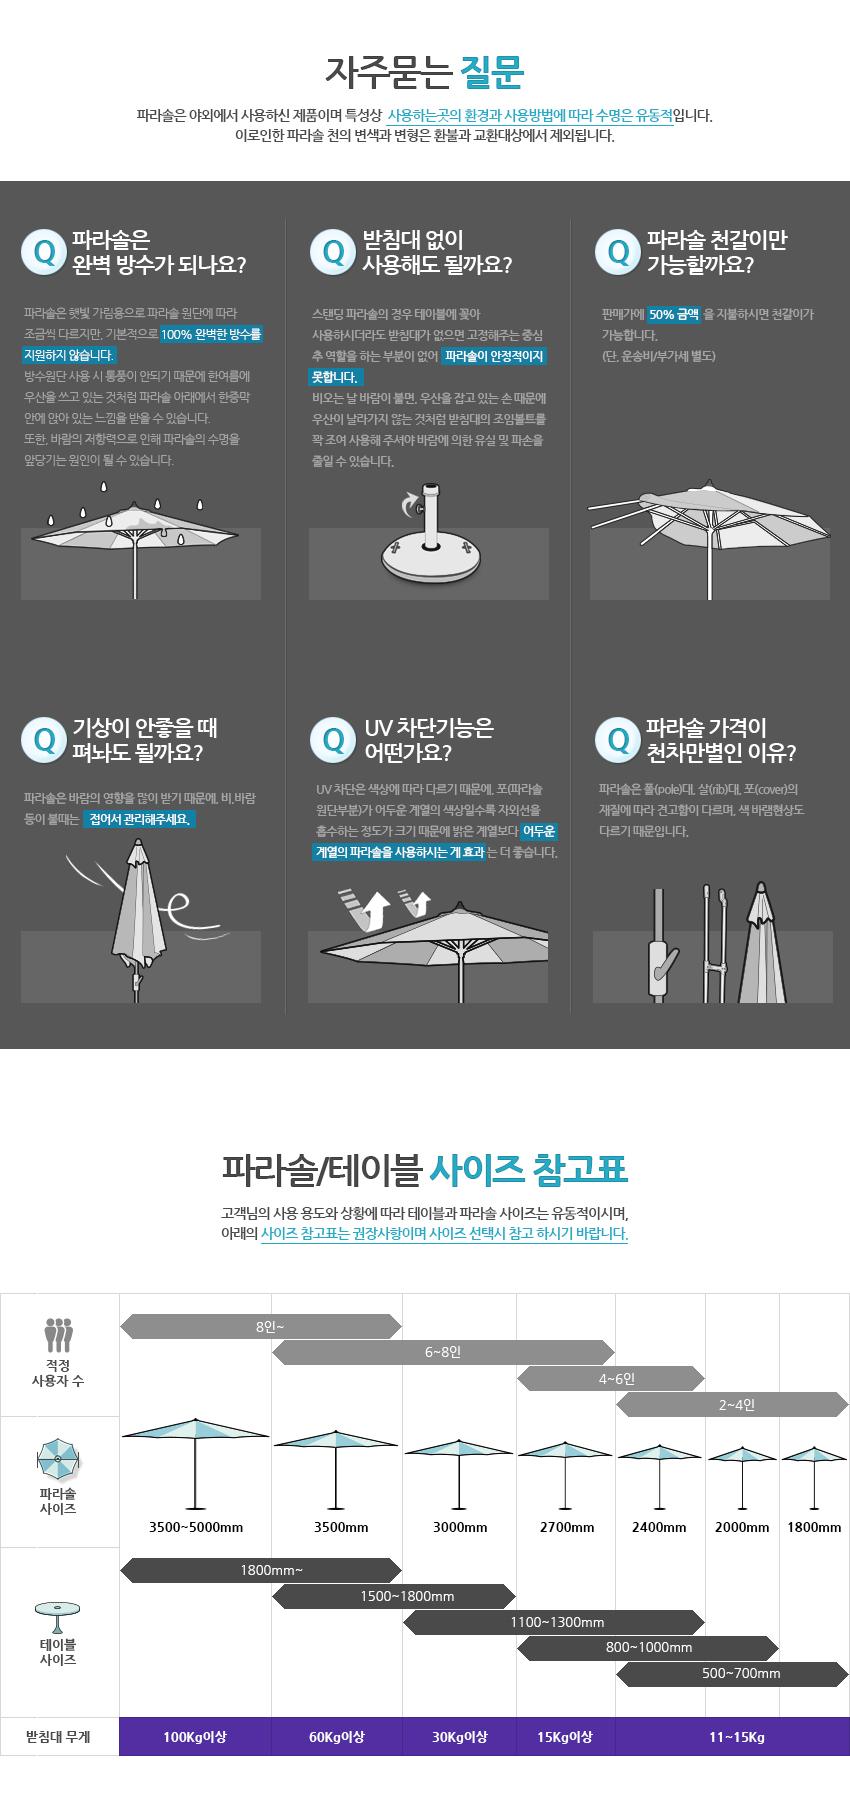 parasol_size.jpg